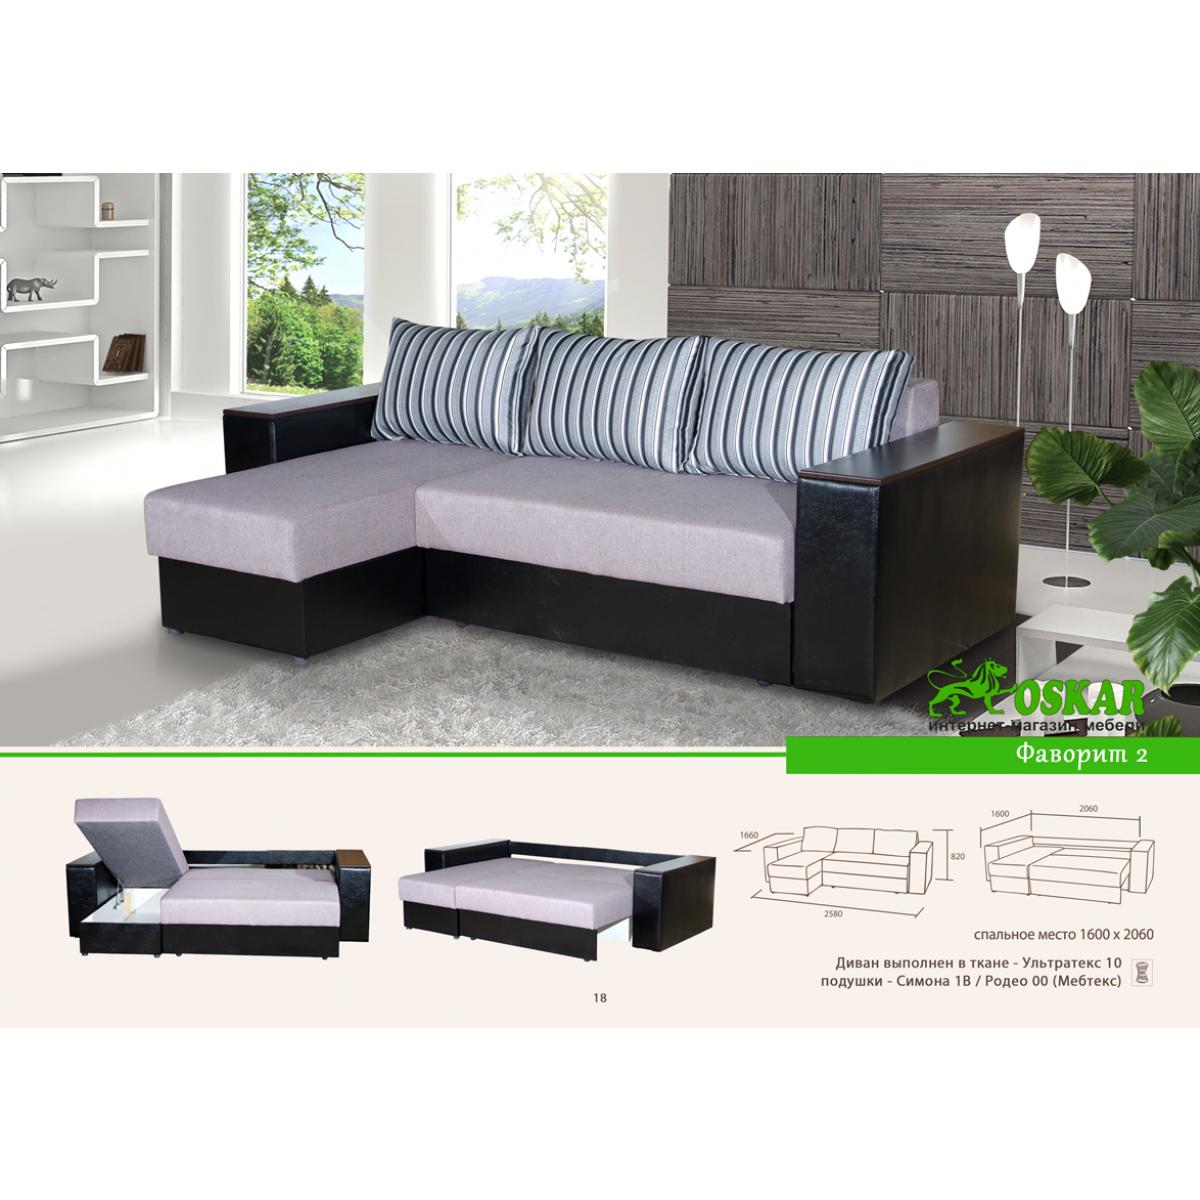 купить угловой диван фаворит 2 в полтаве магазин оскар